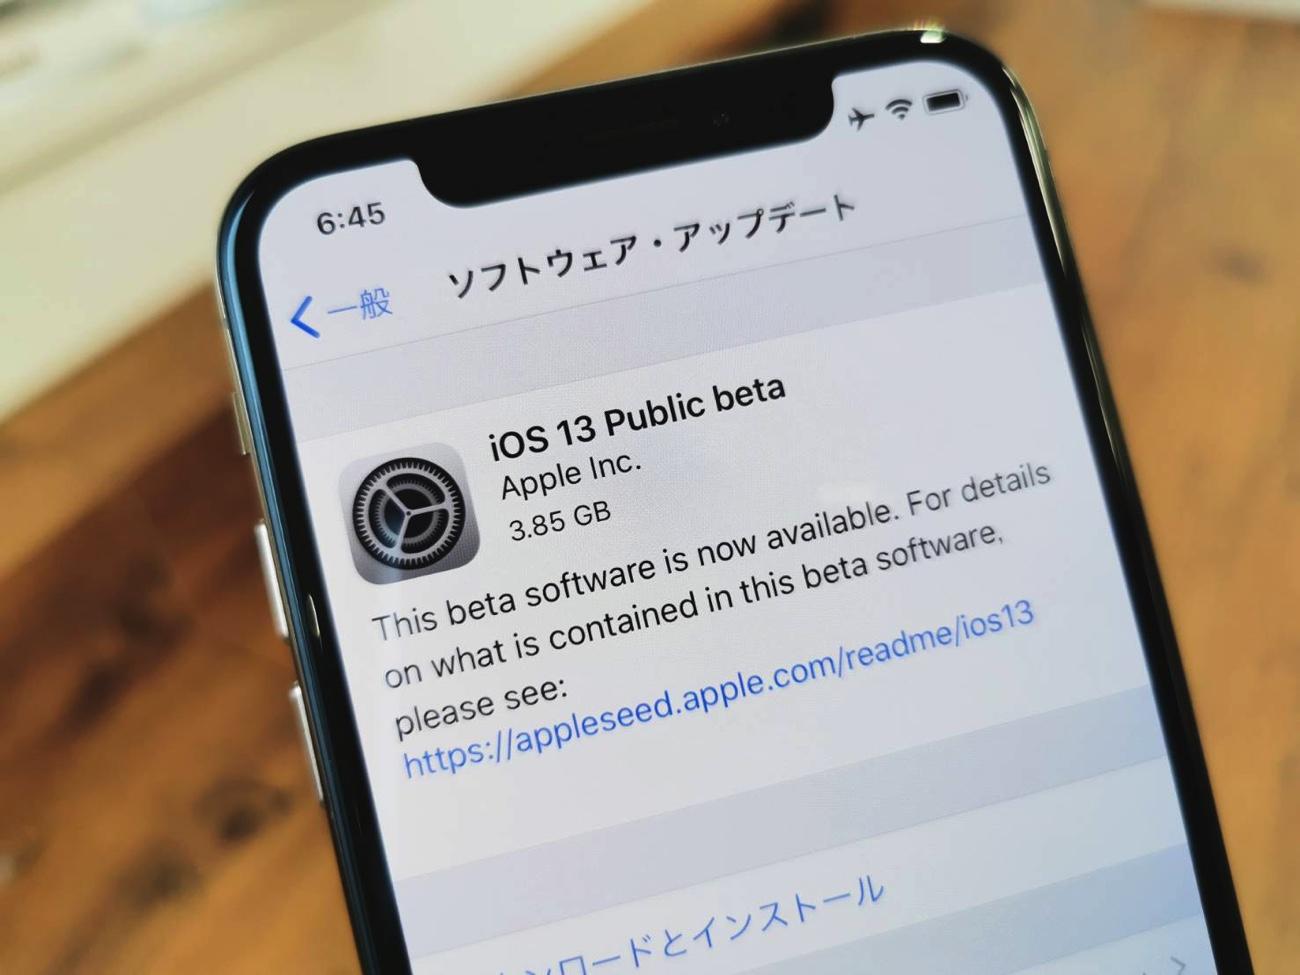 0314cb6763 アップルが本日(6月25日)に公開したiOS 13のパブリックベータを早速iPhone XSにインストール。秋に正式リリースされるiOS 13 の新機能をひと足早く体験してみました。